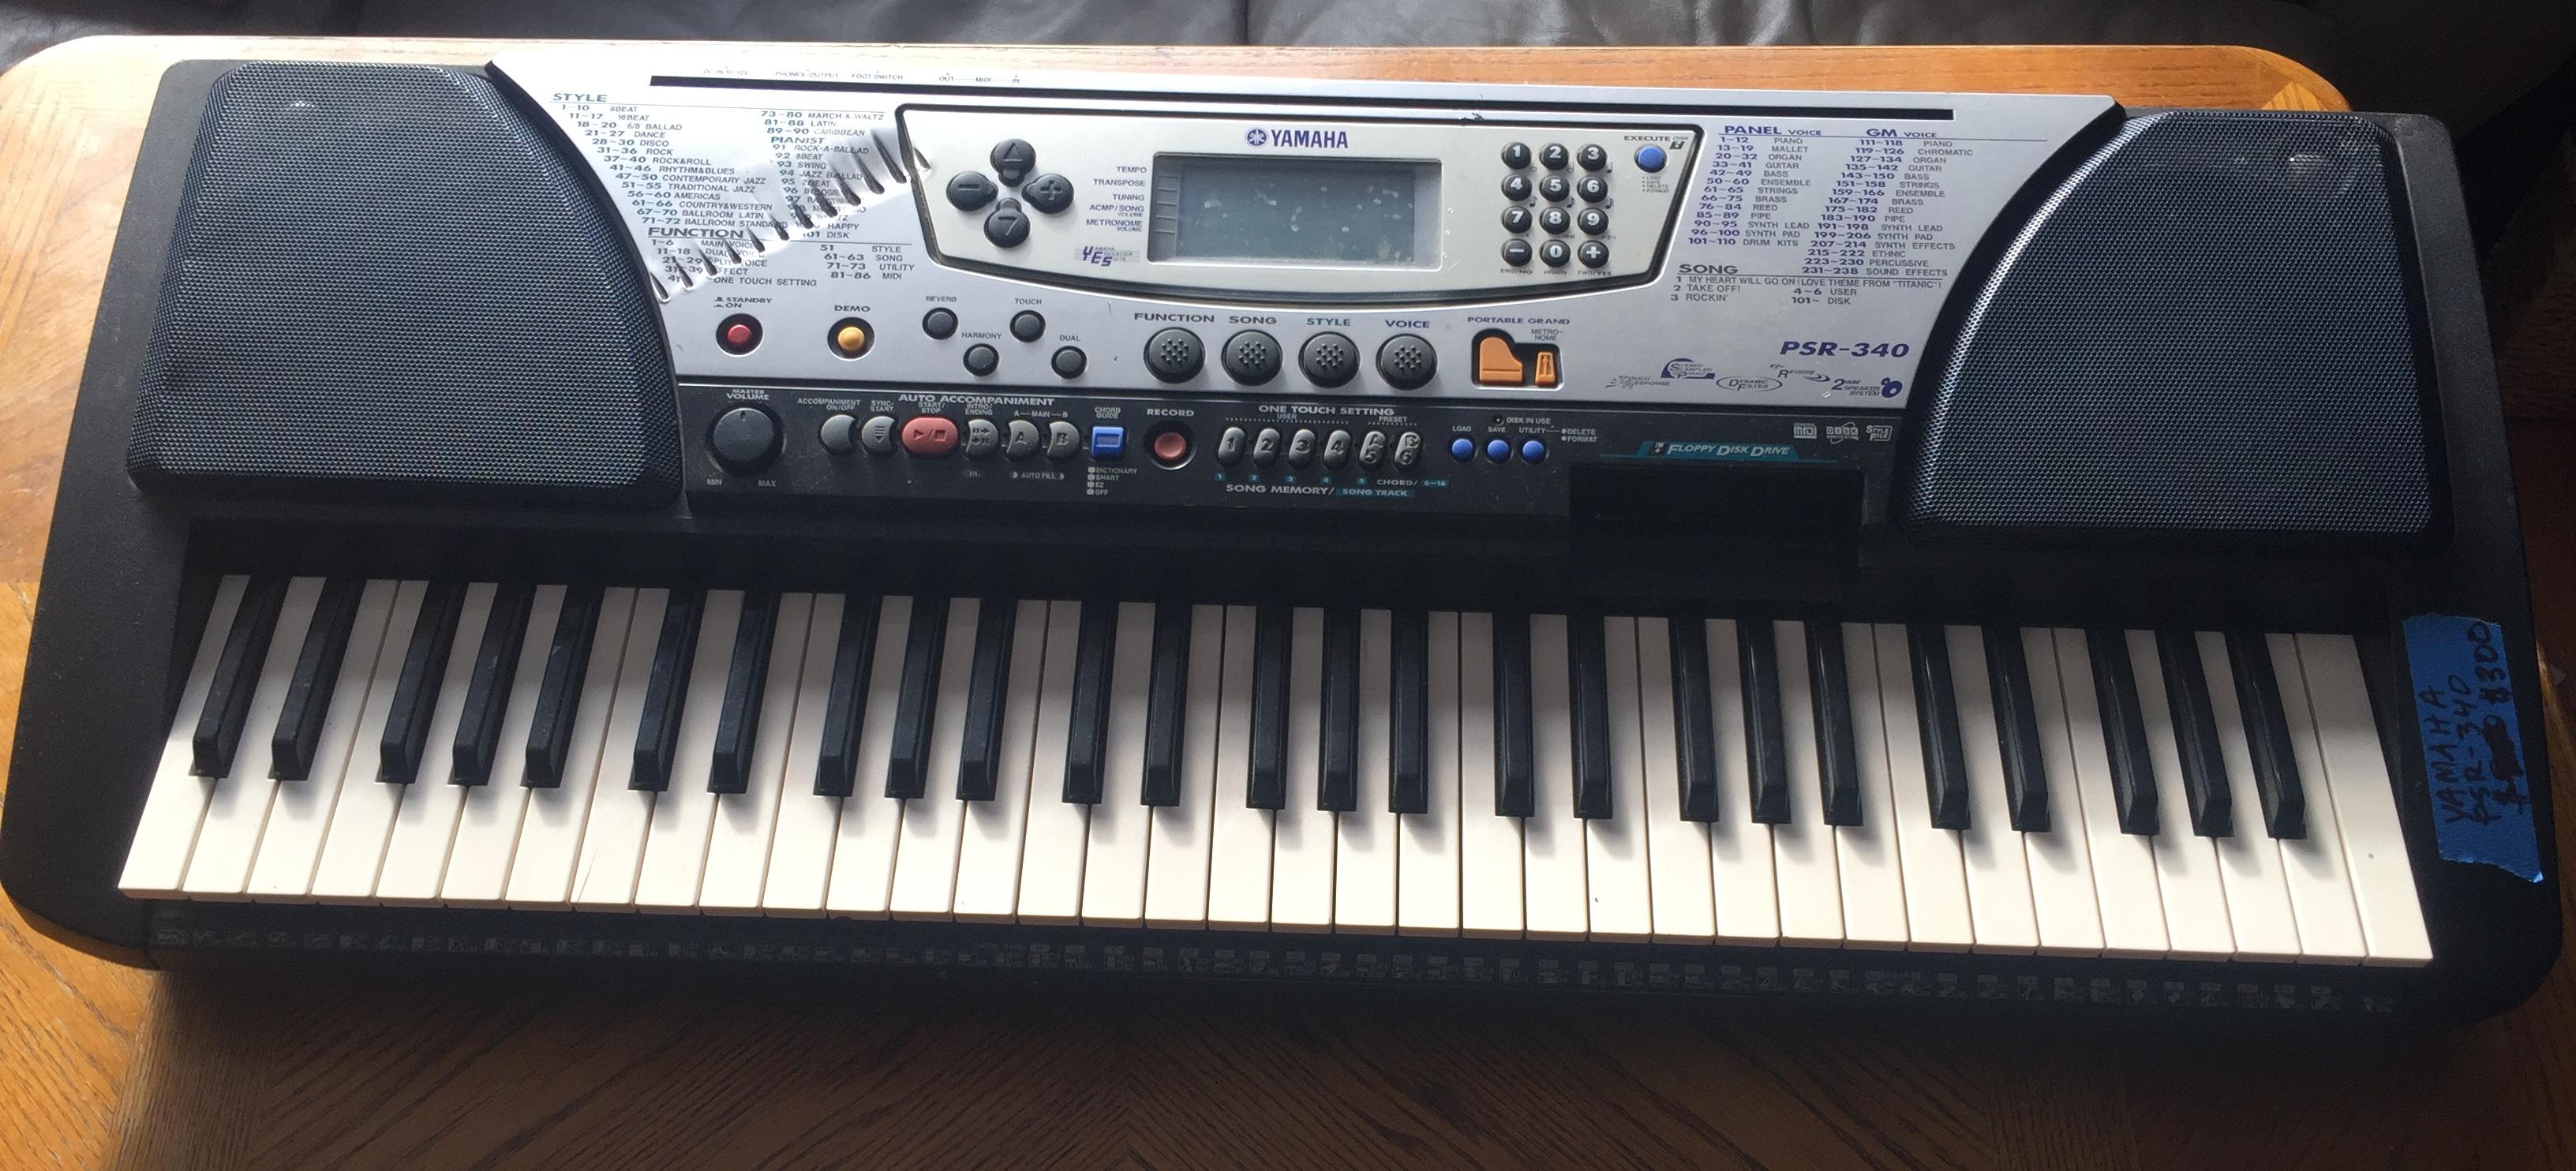 Как играть на синтезаторе Синтезатор самоучитель Уроки